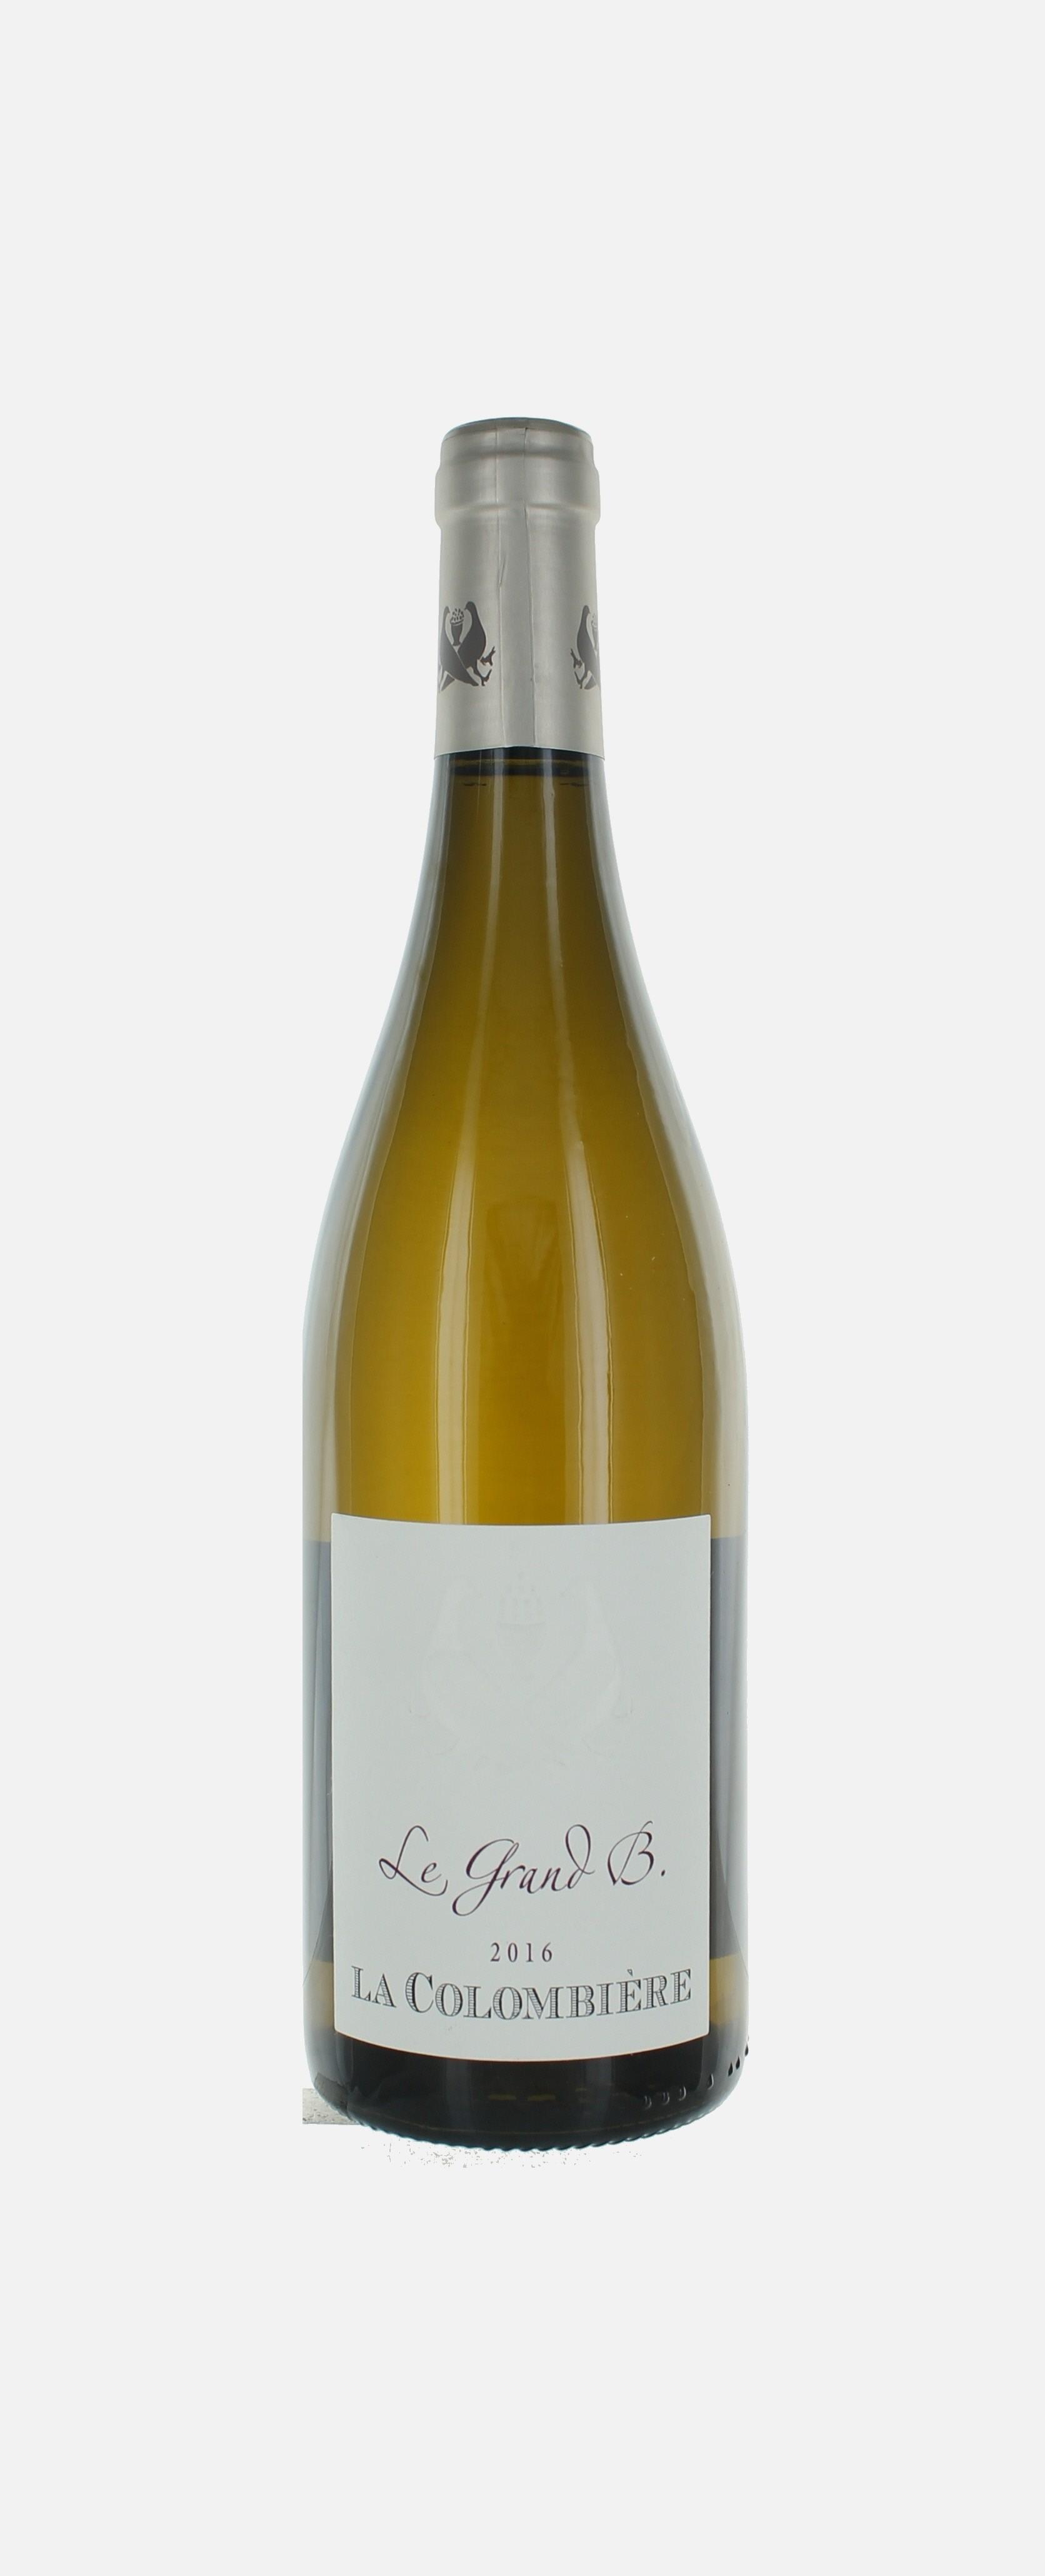 Le Grand B, Vin de France, Colombiere